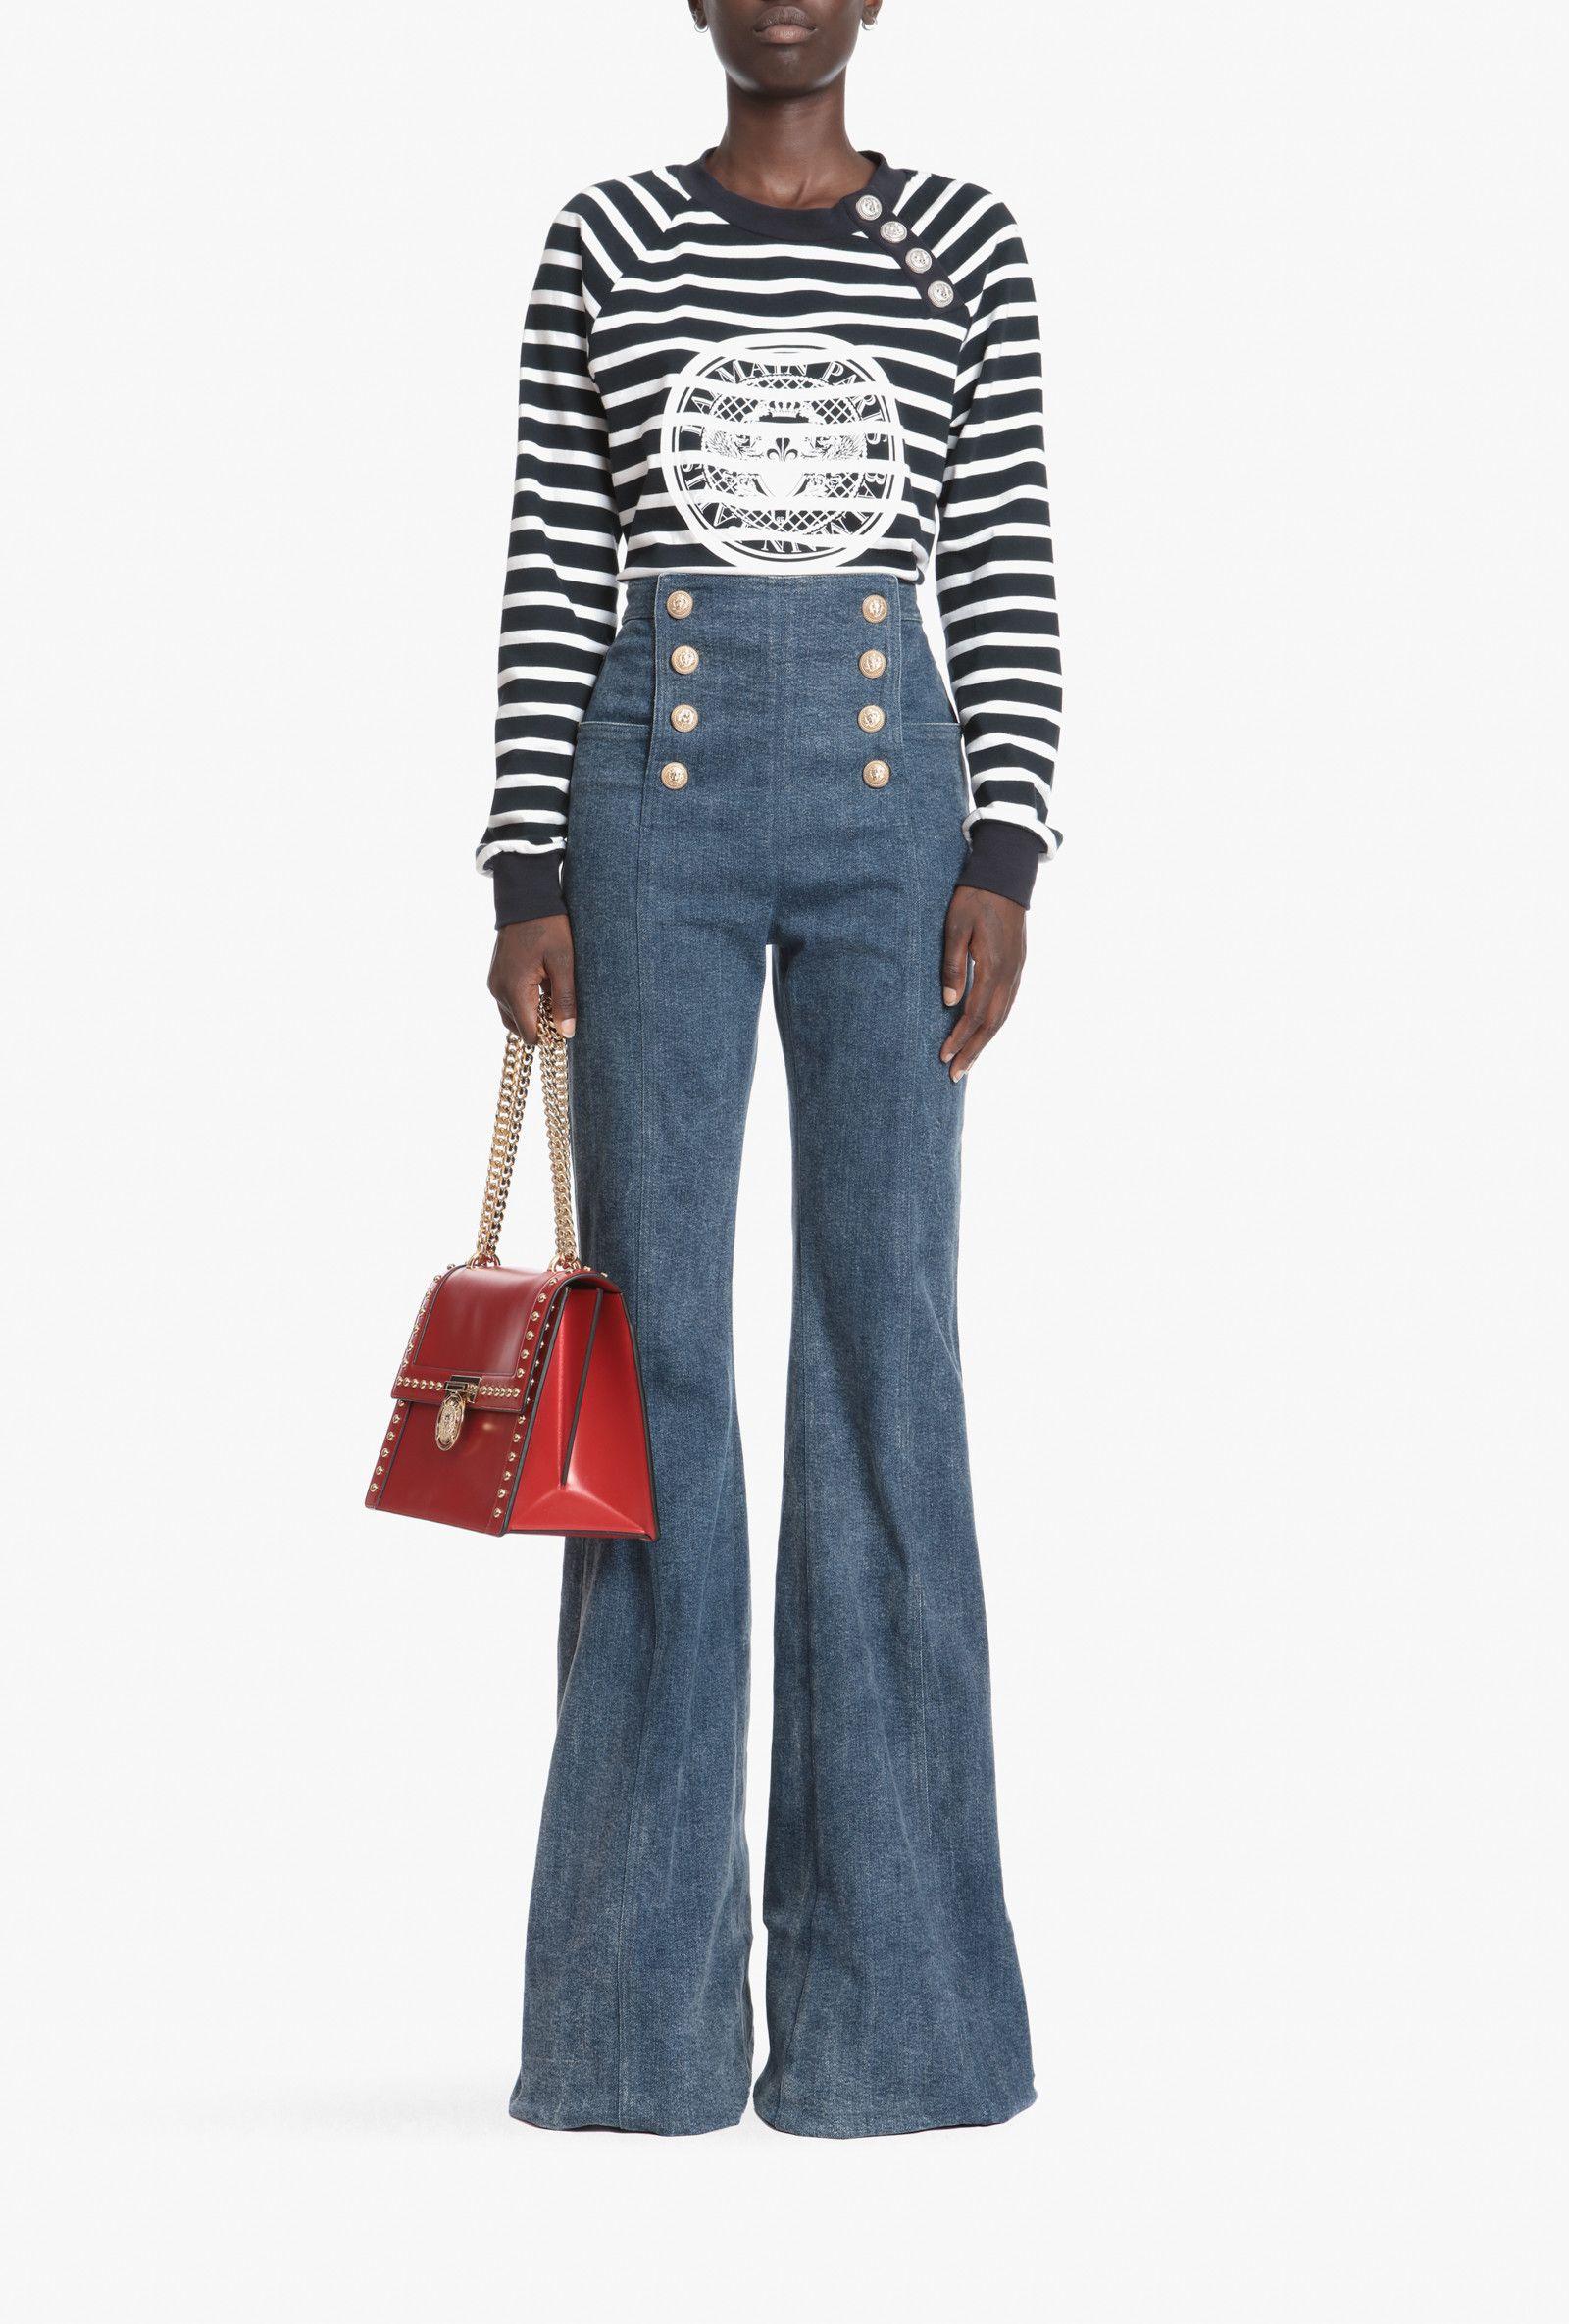 50b7e31a High-waisted flared-cut button-front pants | Women's pants | Balmain ...